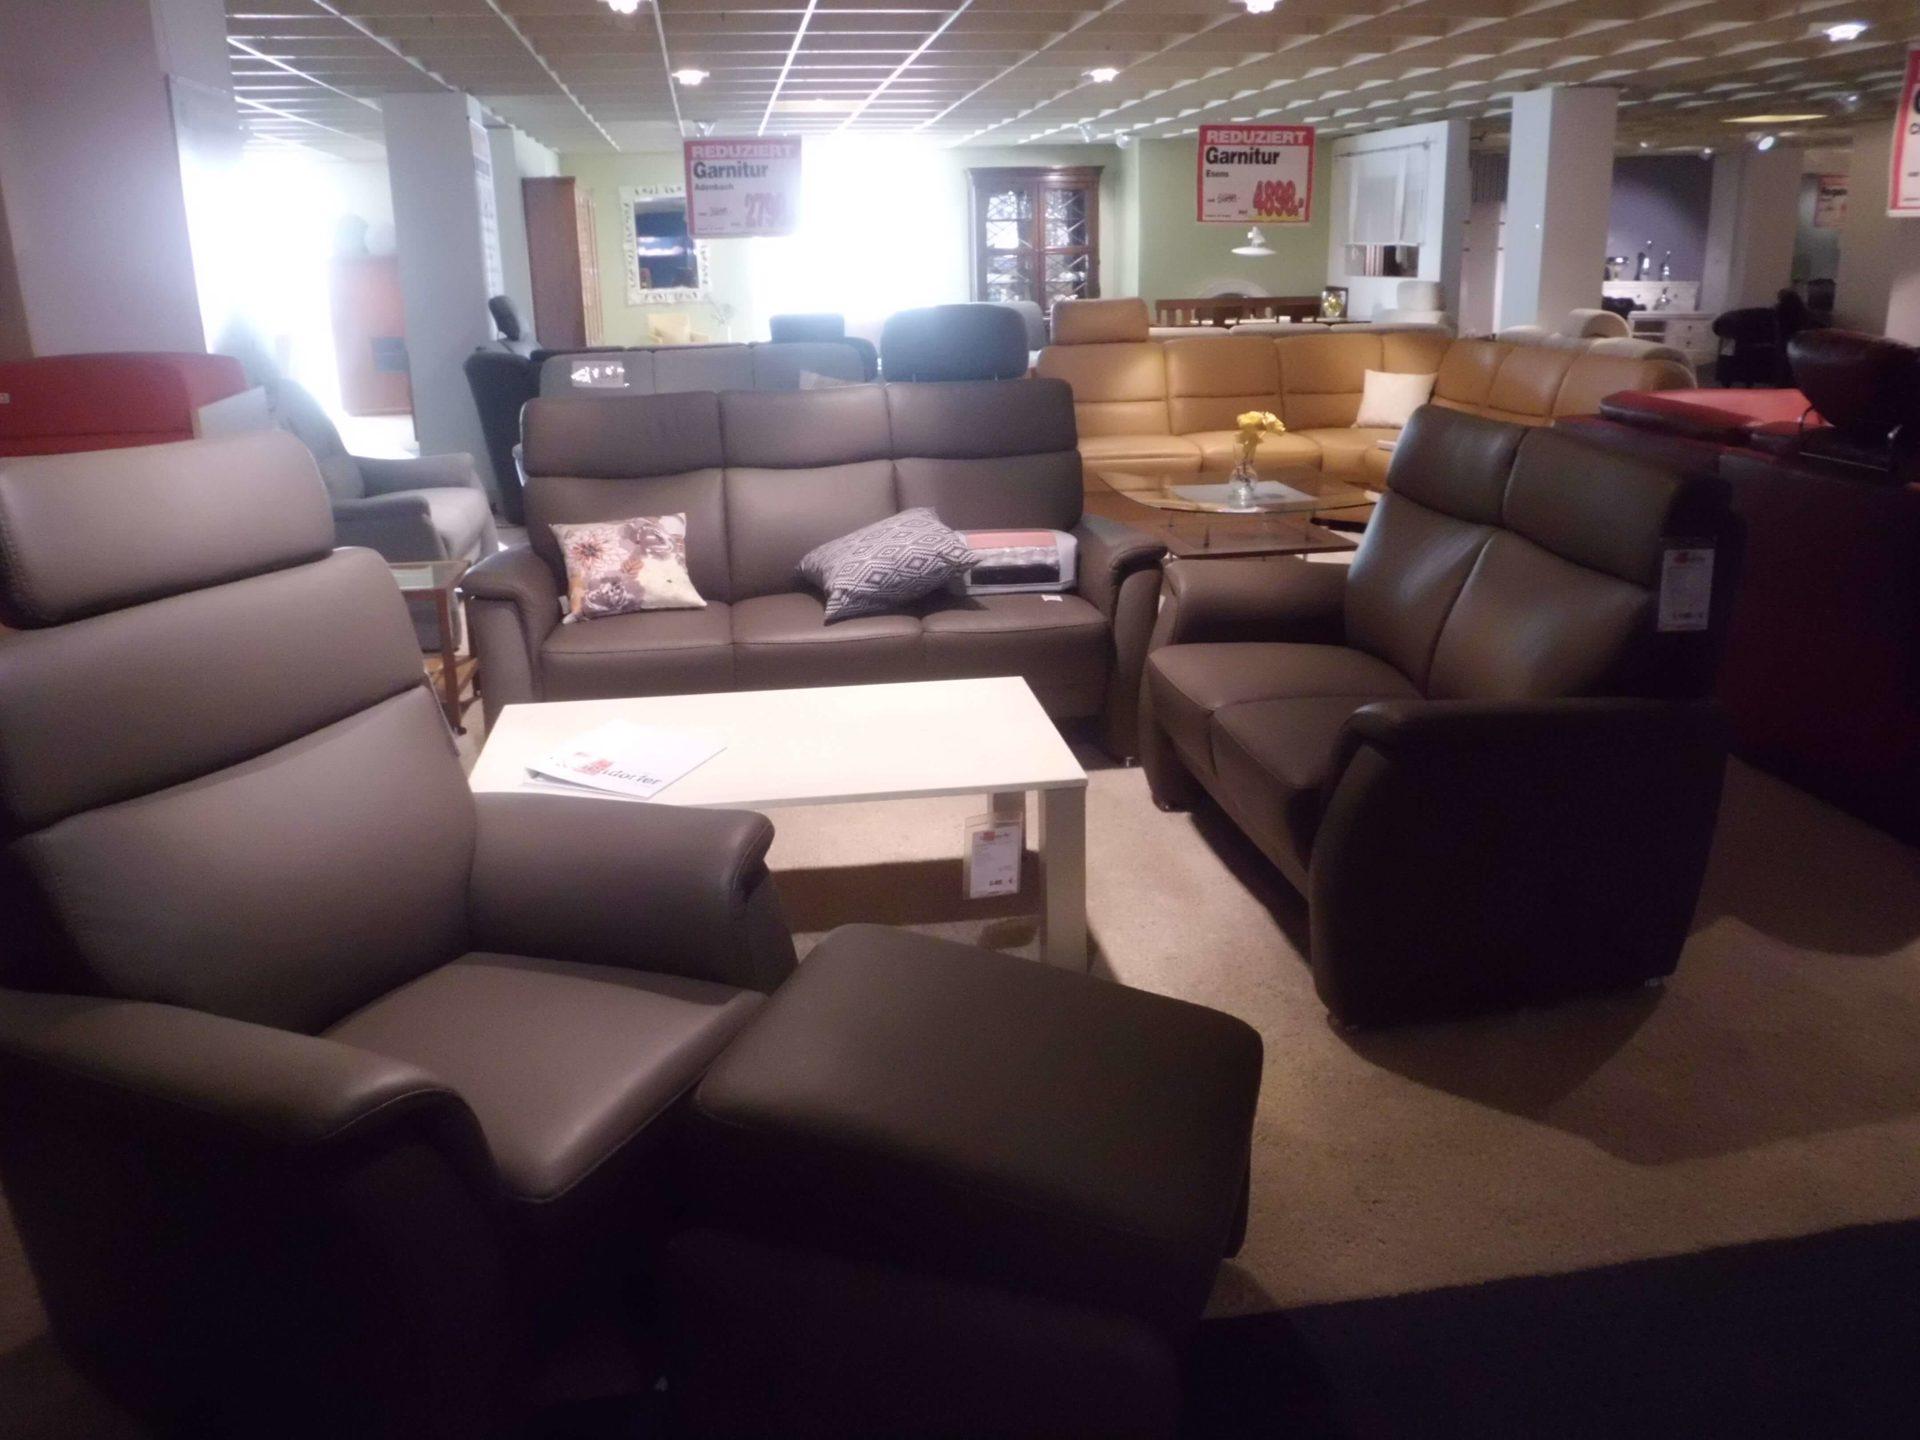 Möbel Frauendorfer Amberg Abverkauf Wohnen Garnitur Garnitur